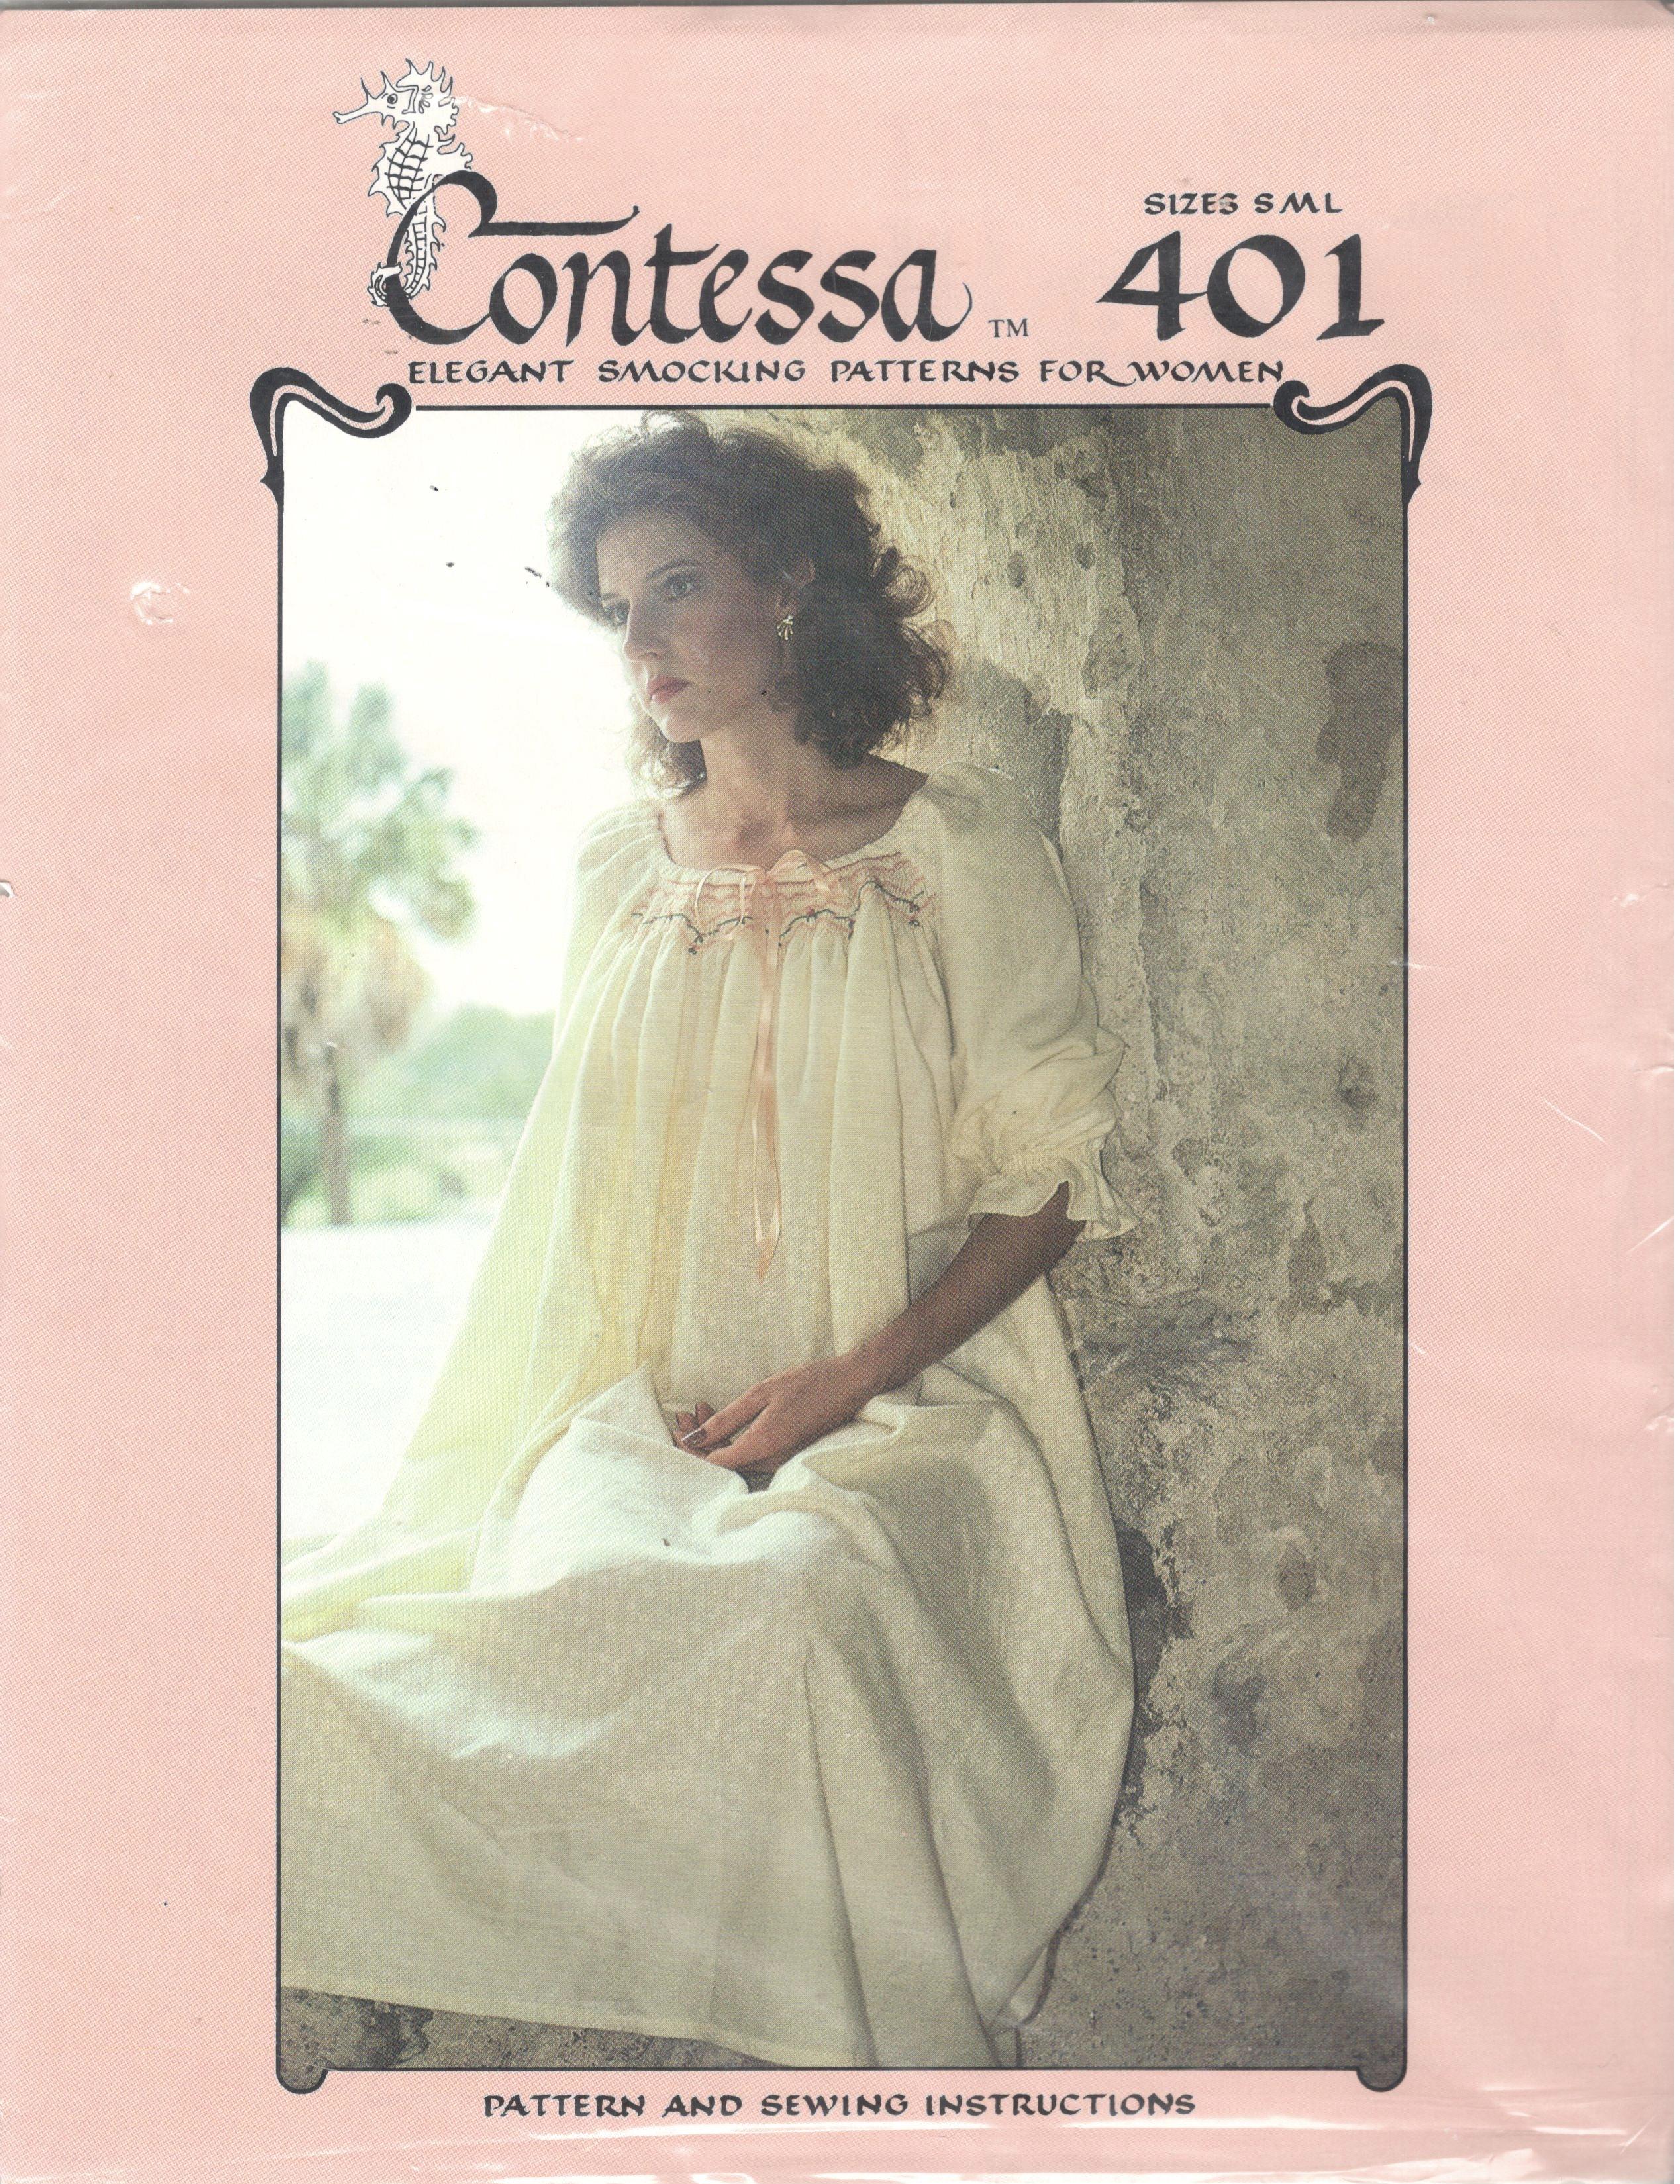 Contessa 401